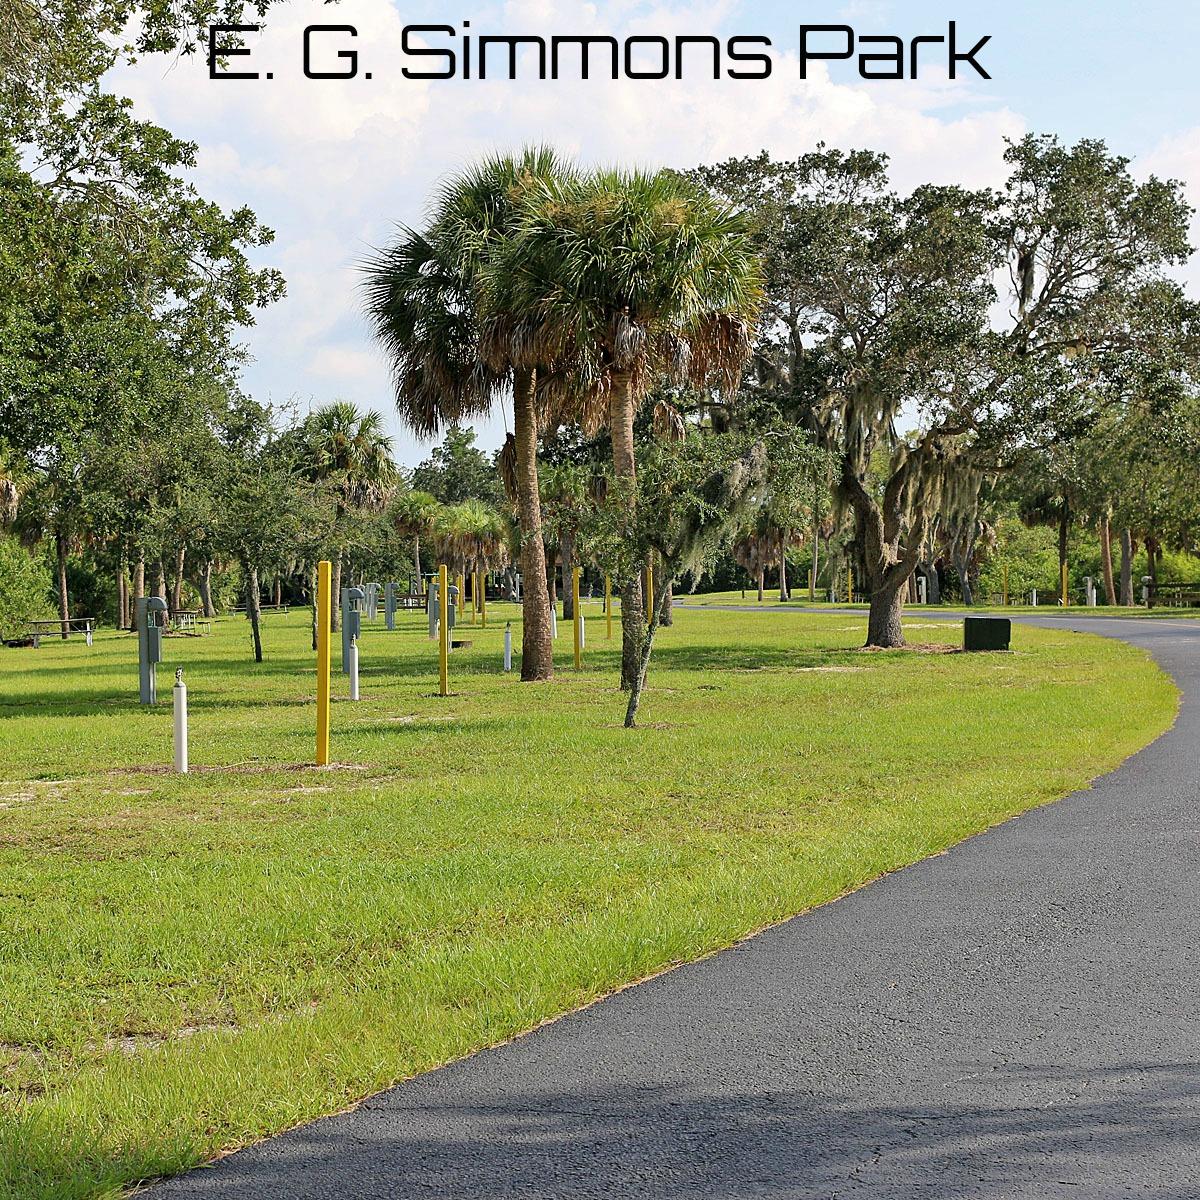 E. G. Simmons Park, Ruskin, FL.